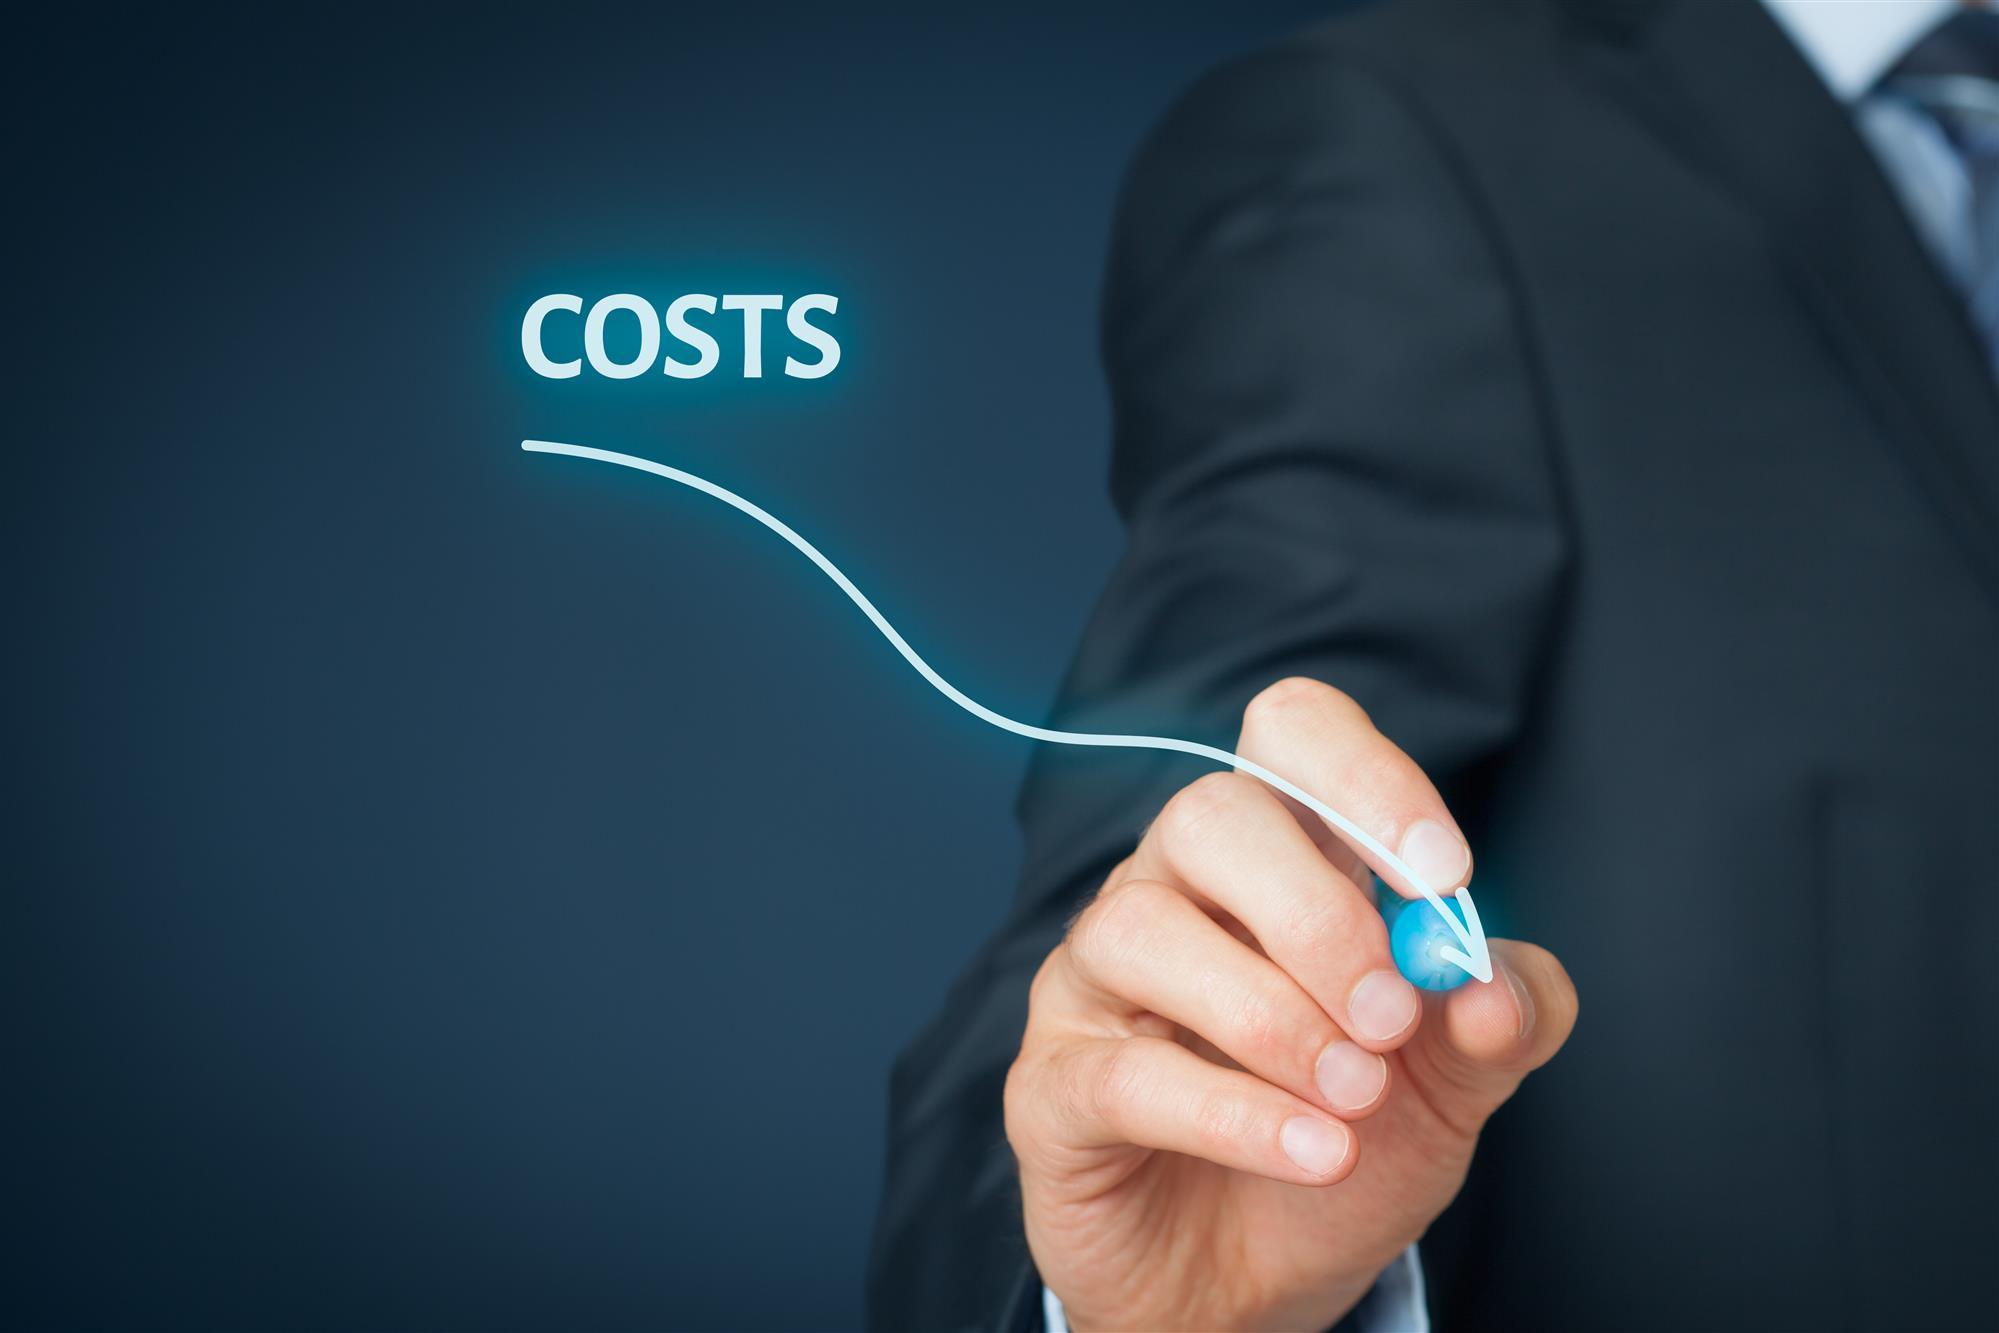 Cost Decrease Arrow